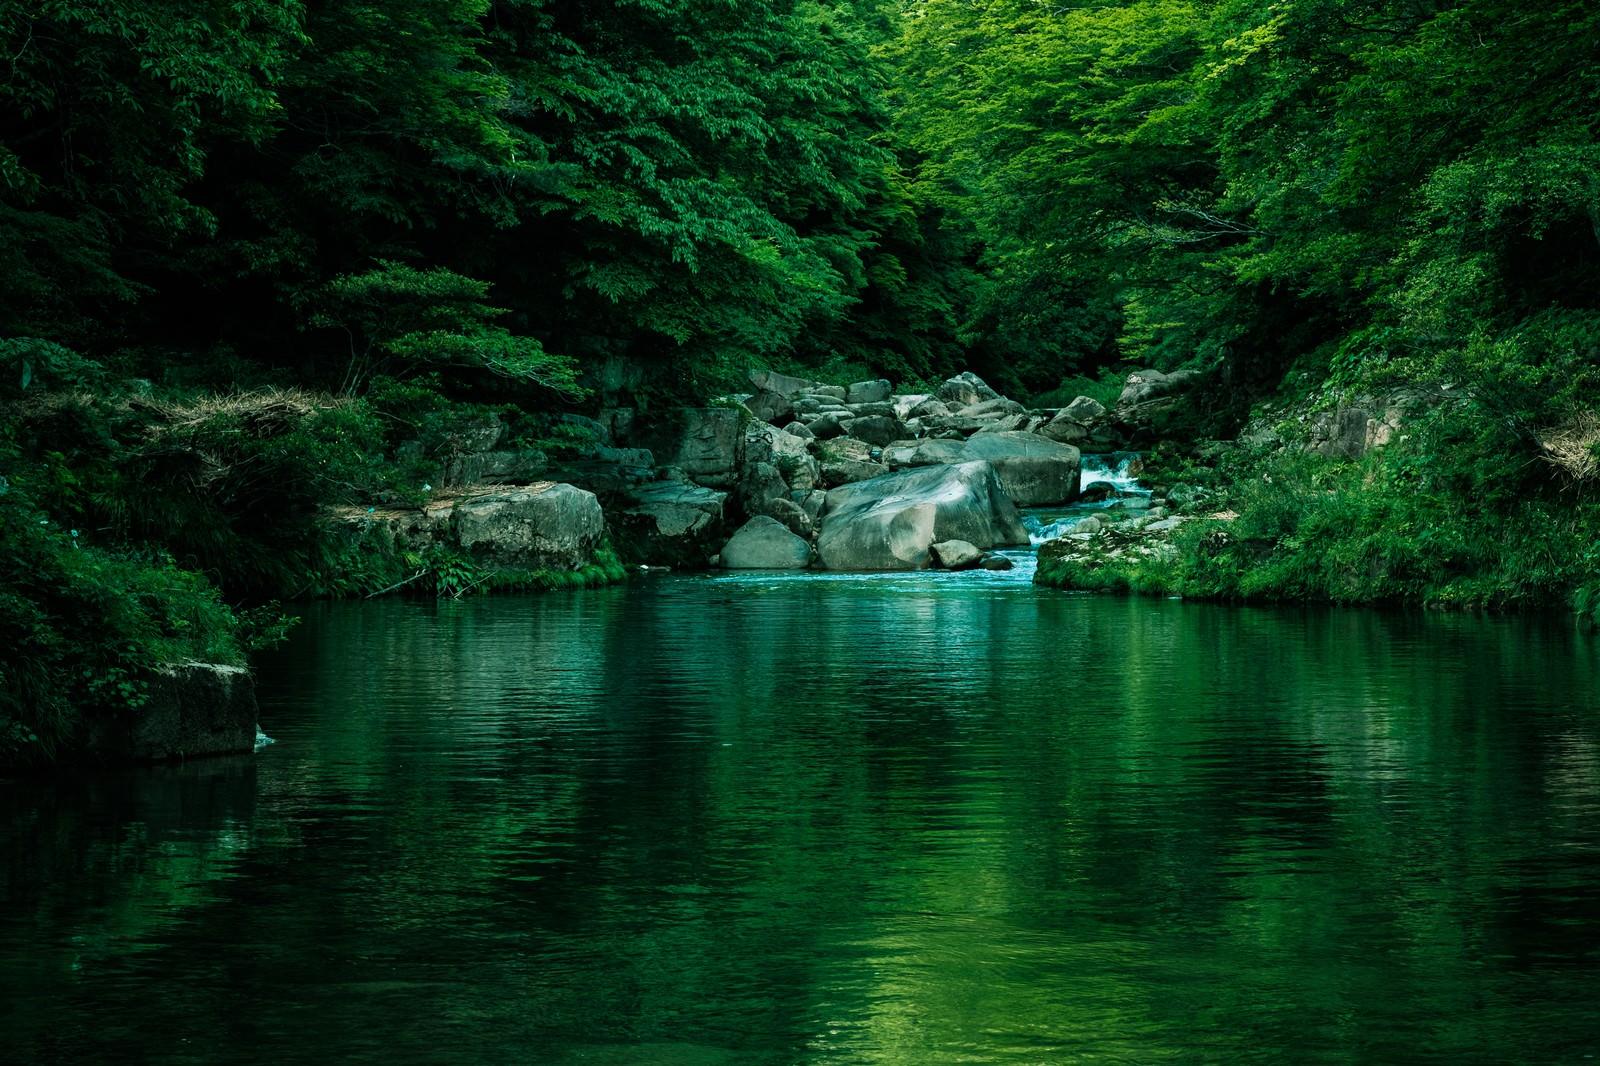 「メディアのロケーション地にも選ばれる奥津渓の景観」の写真